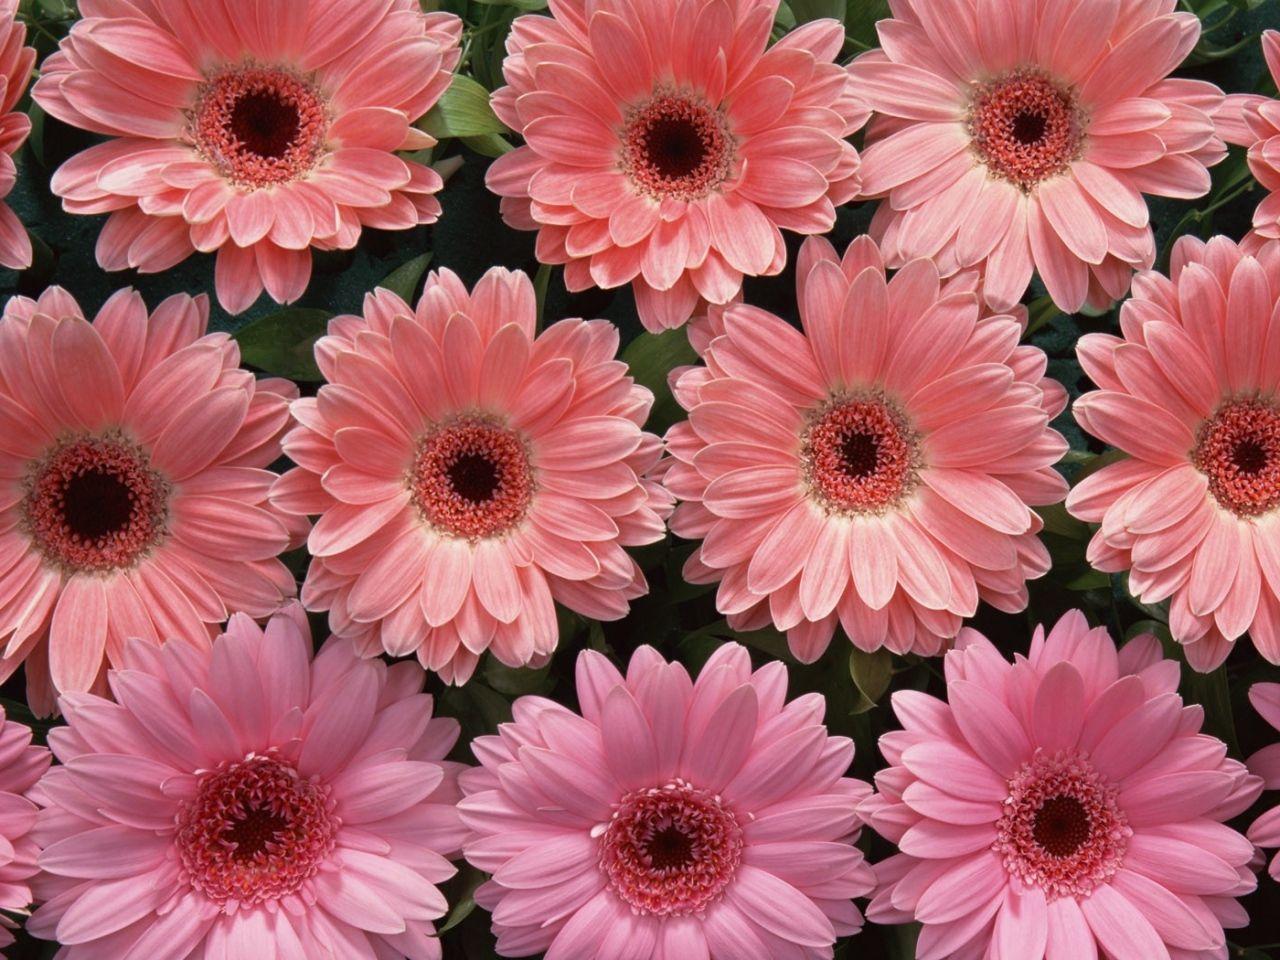 flor imagen imágenes de flores gerbera wallpapers brotes hojas